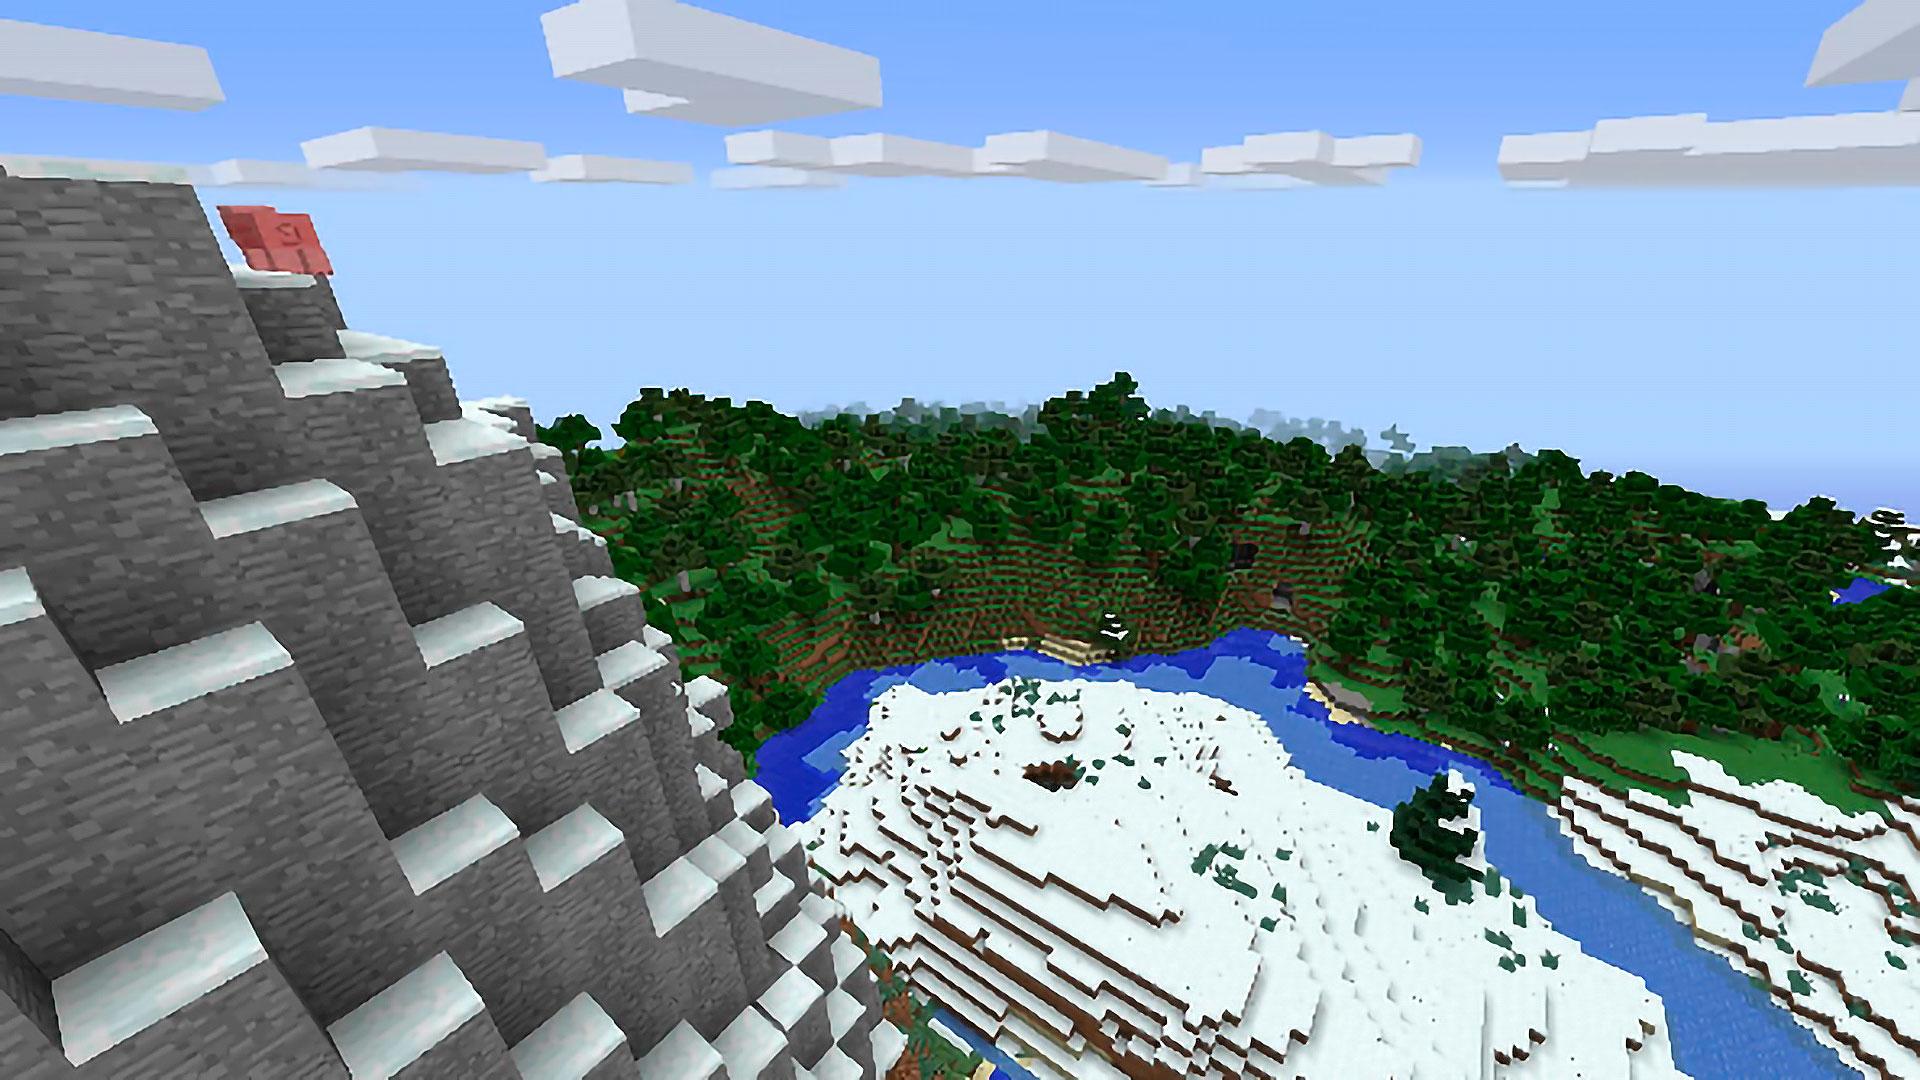 molti biomi vicini allo spawn. Da qui il settimo tra i migliori semi di Minecraft